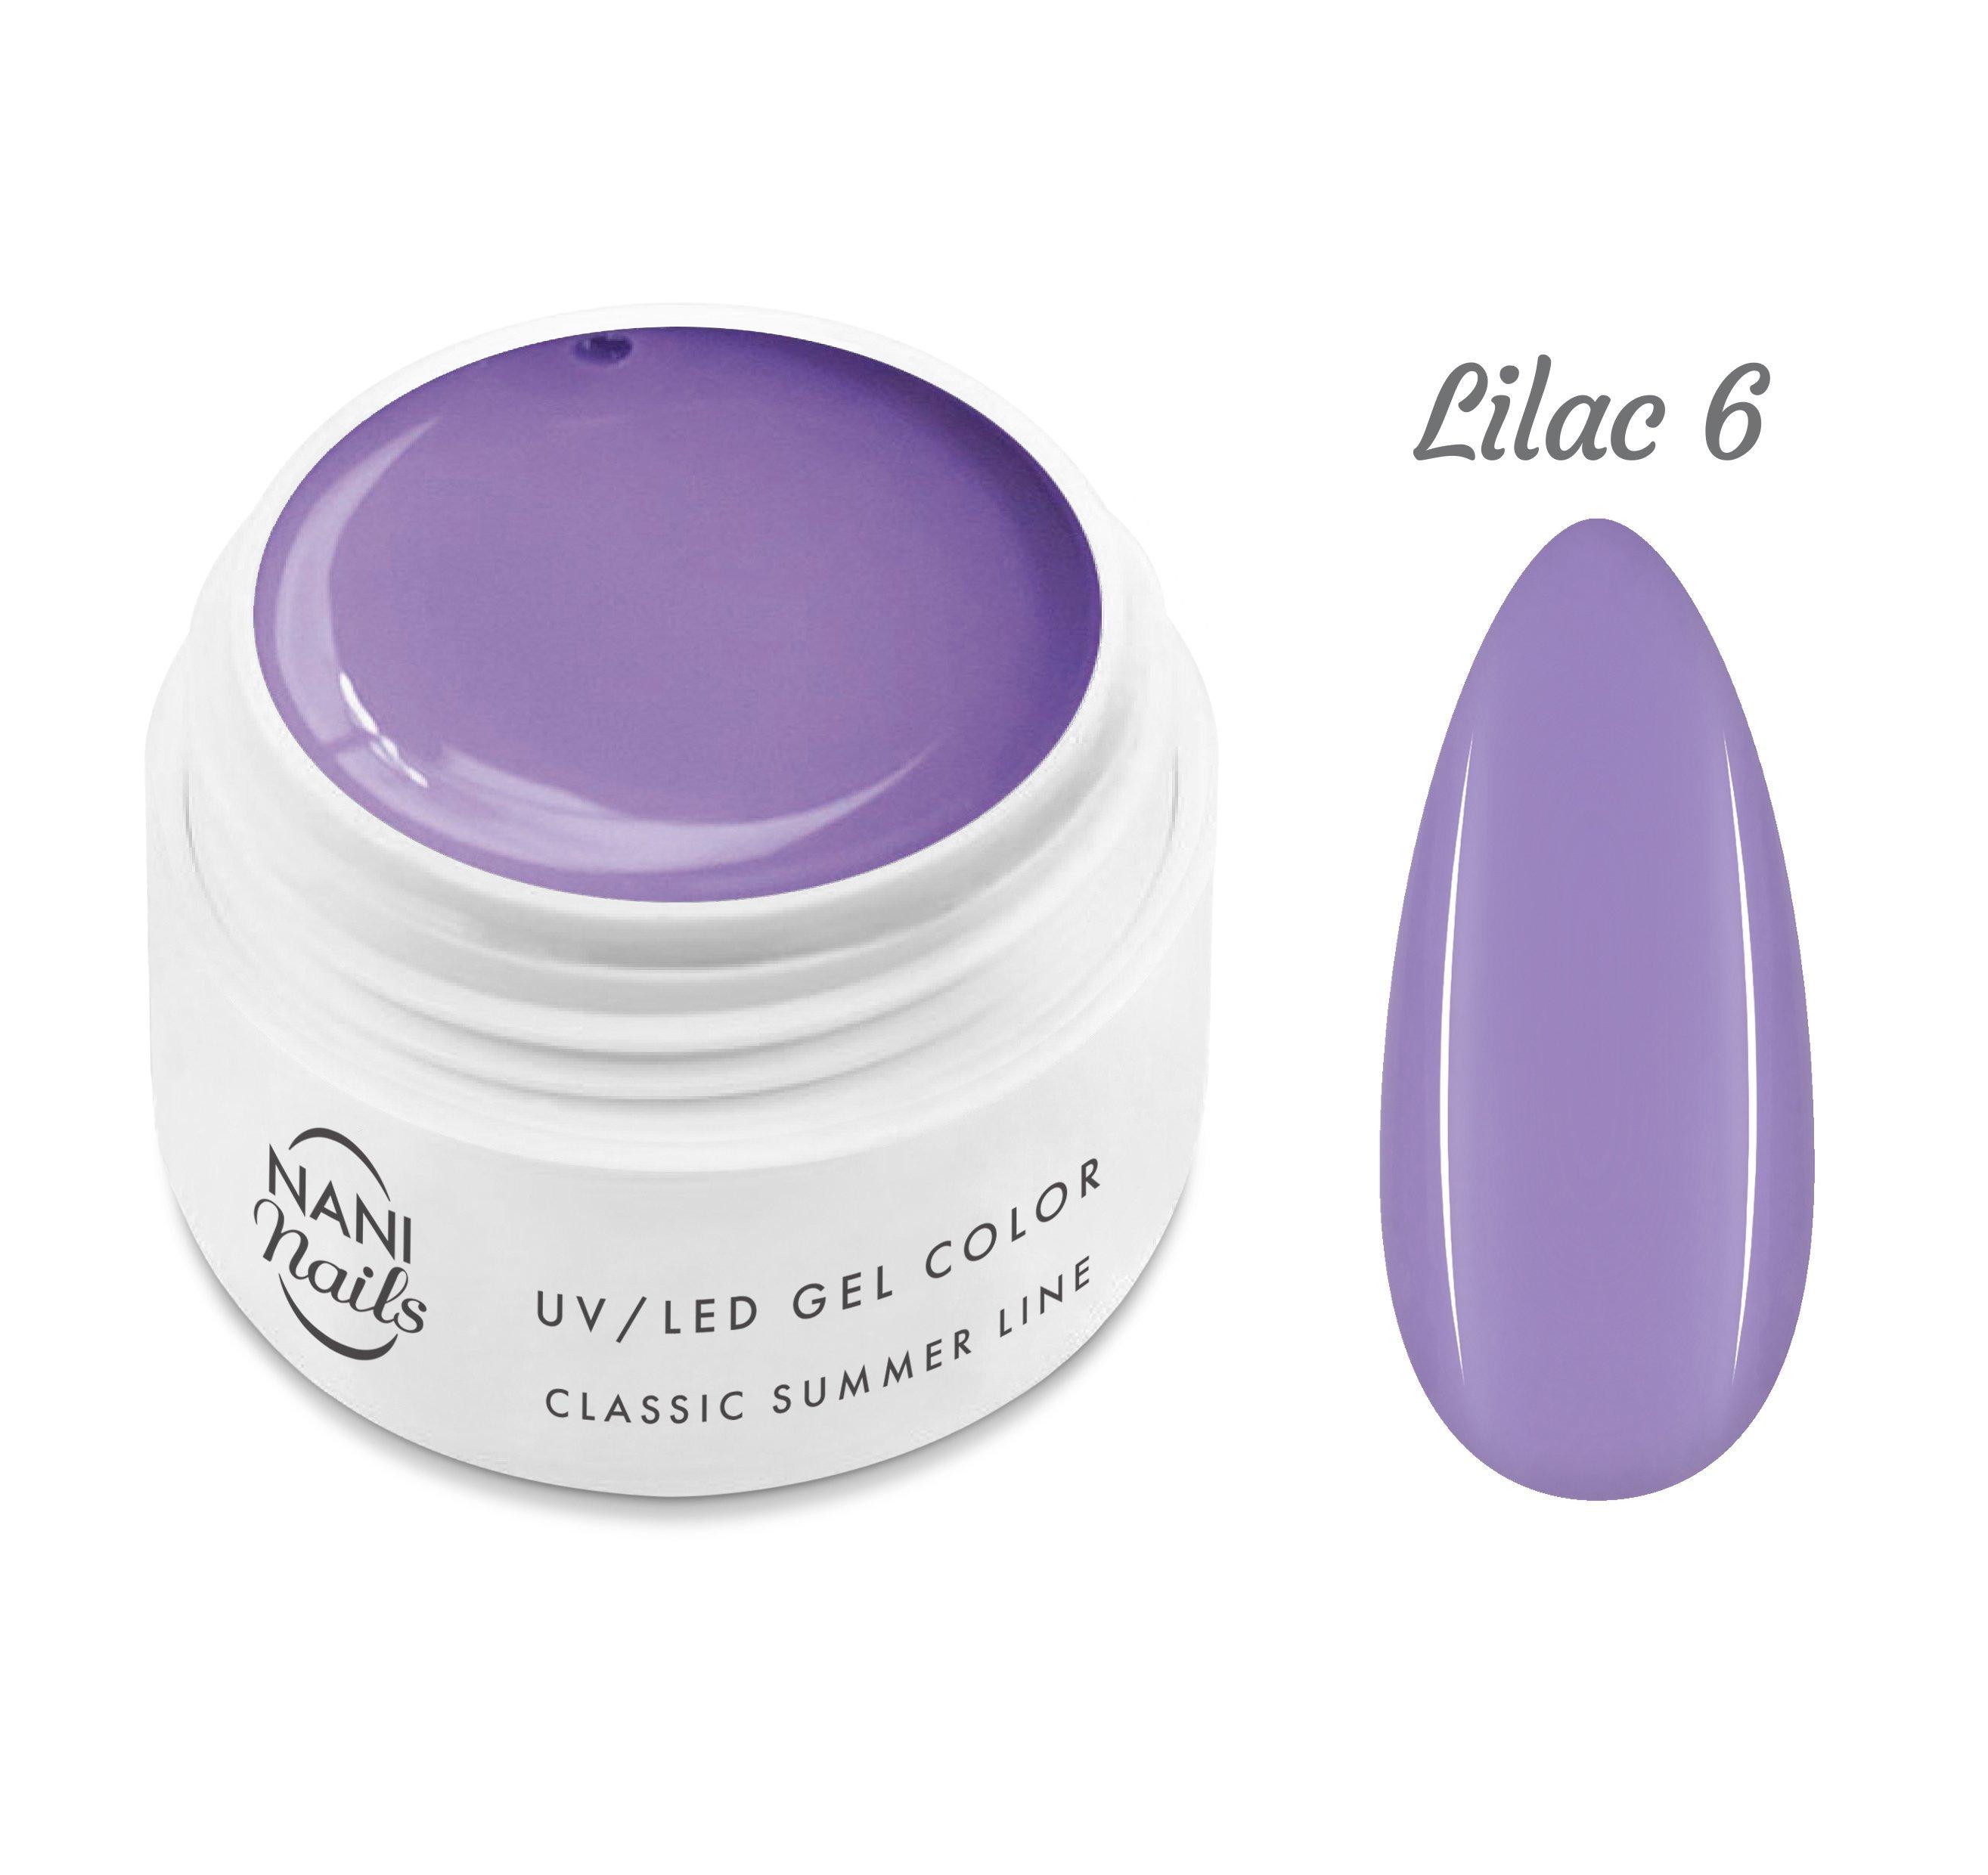 NANI UV gél Classic Summer Line 5 ml - Lilac